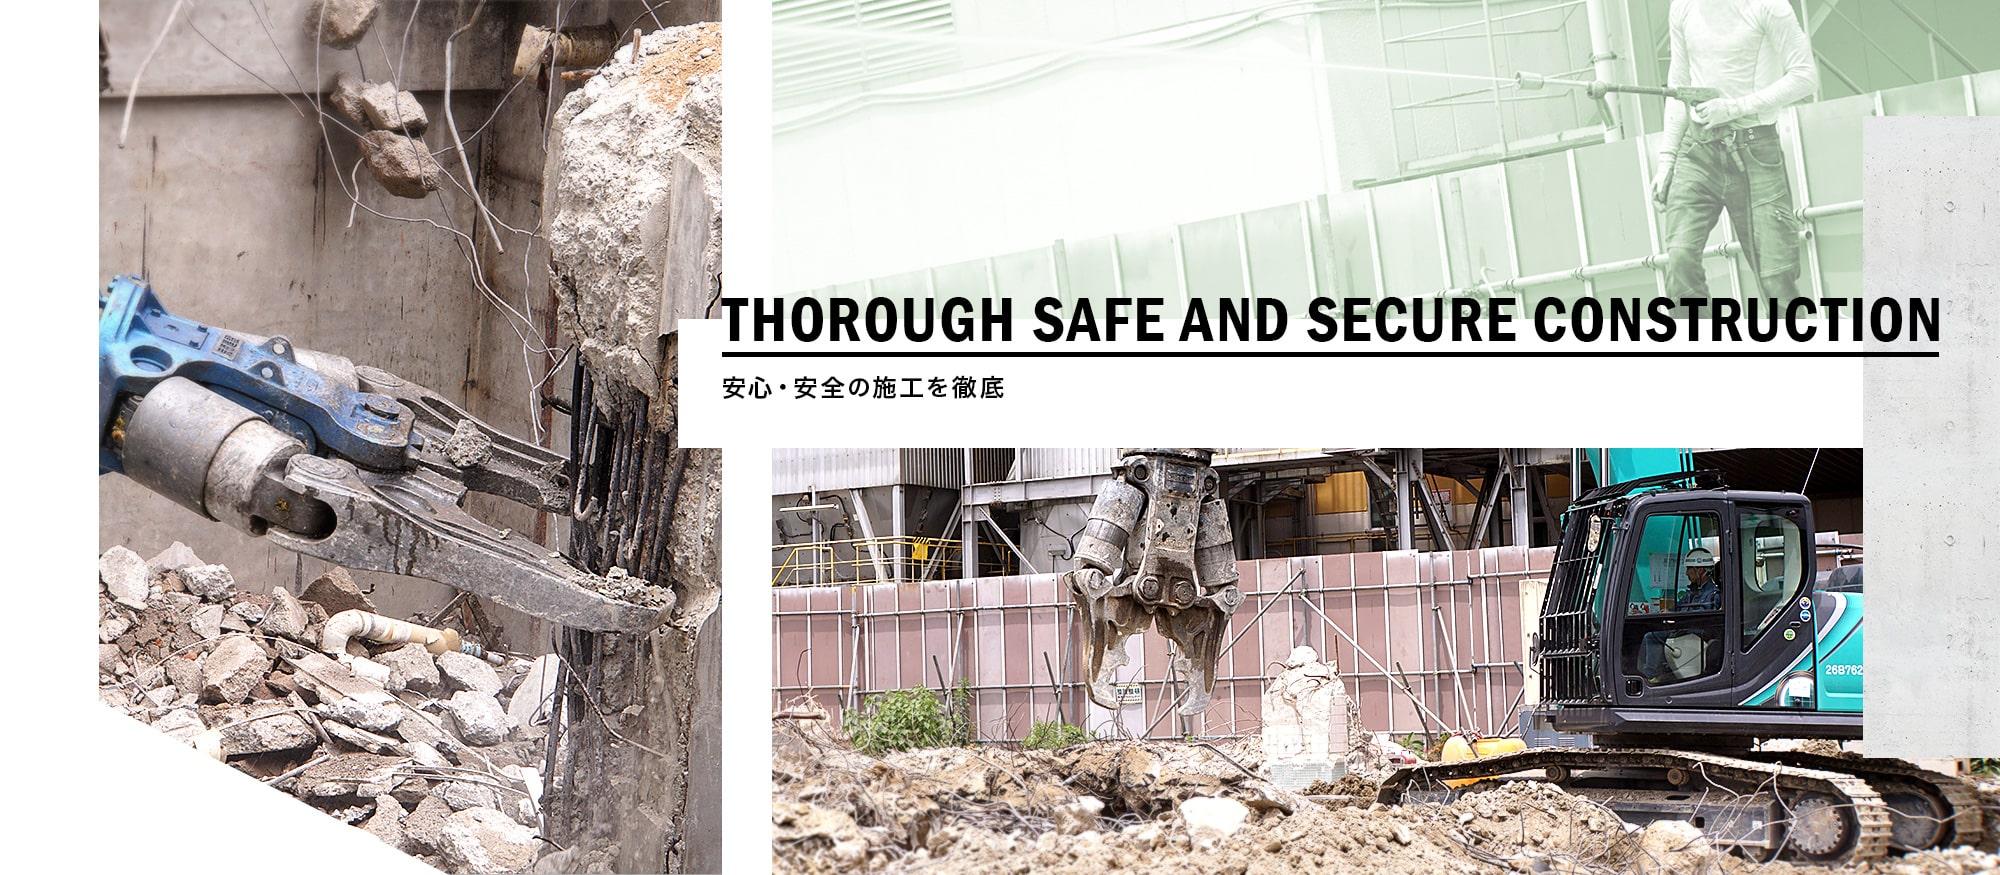 安心・安全の施工を徹底